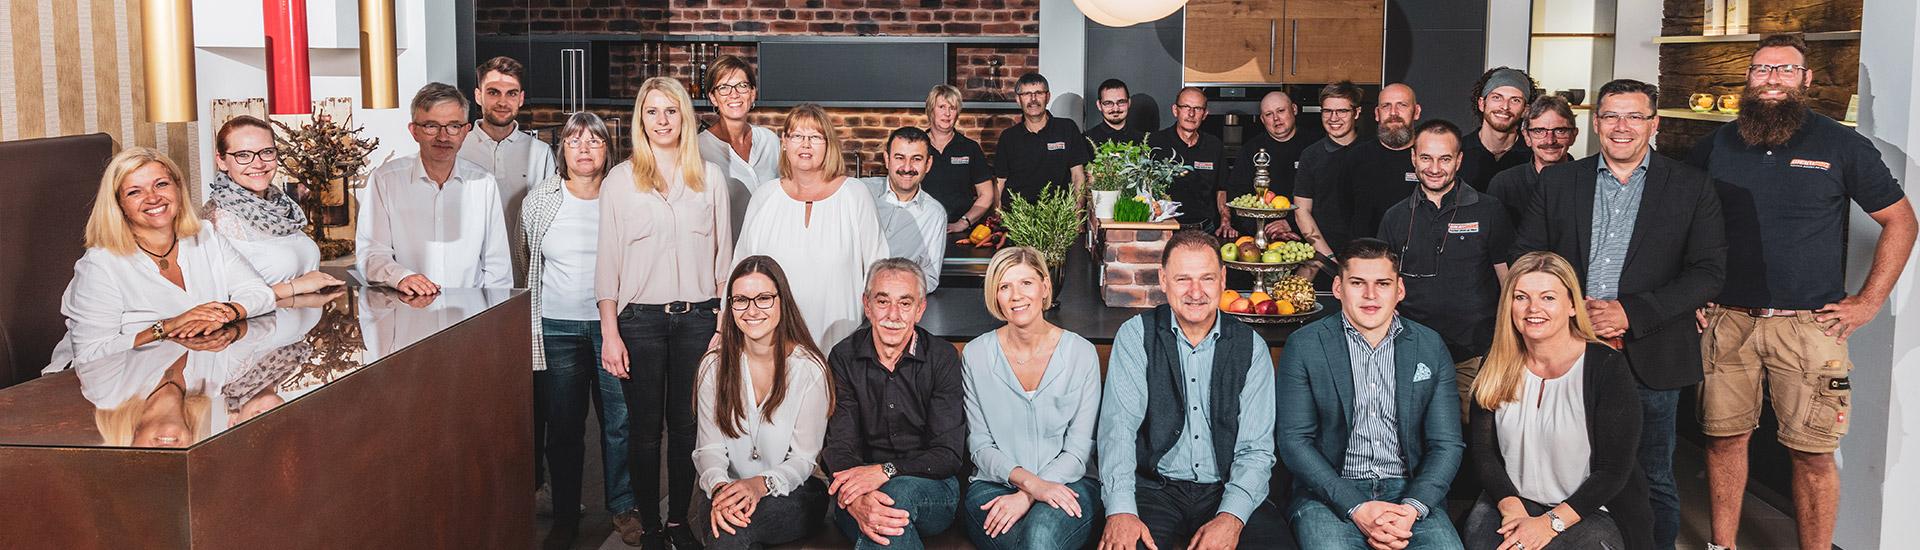 Das Team des Küchenstudios WEKUmat bei Würzburg